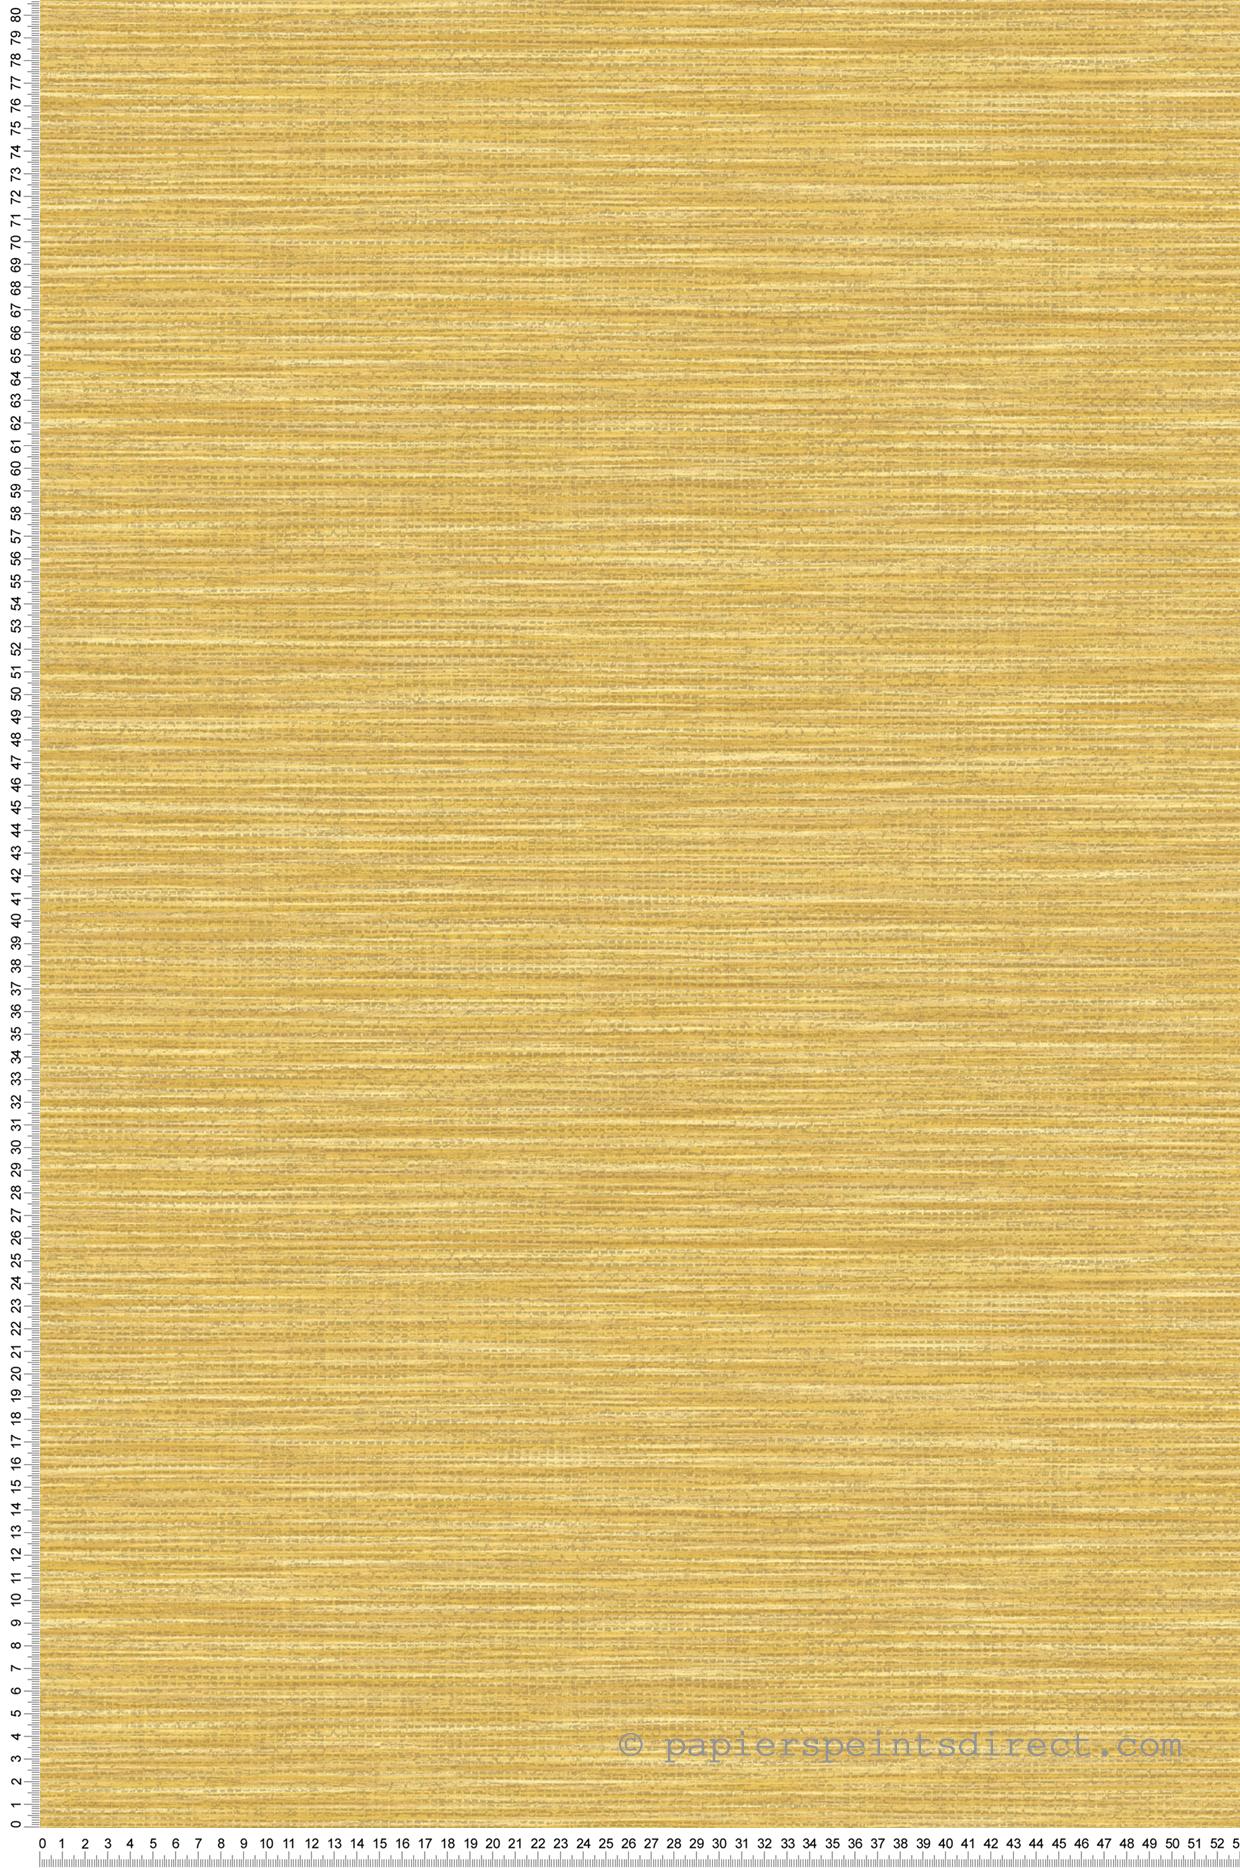 Paille Japonaise Safran Collection Wara De Casélio